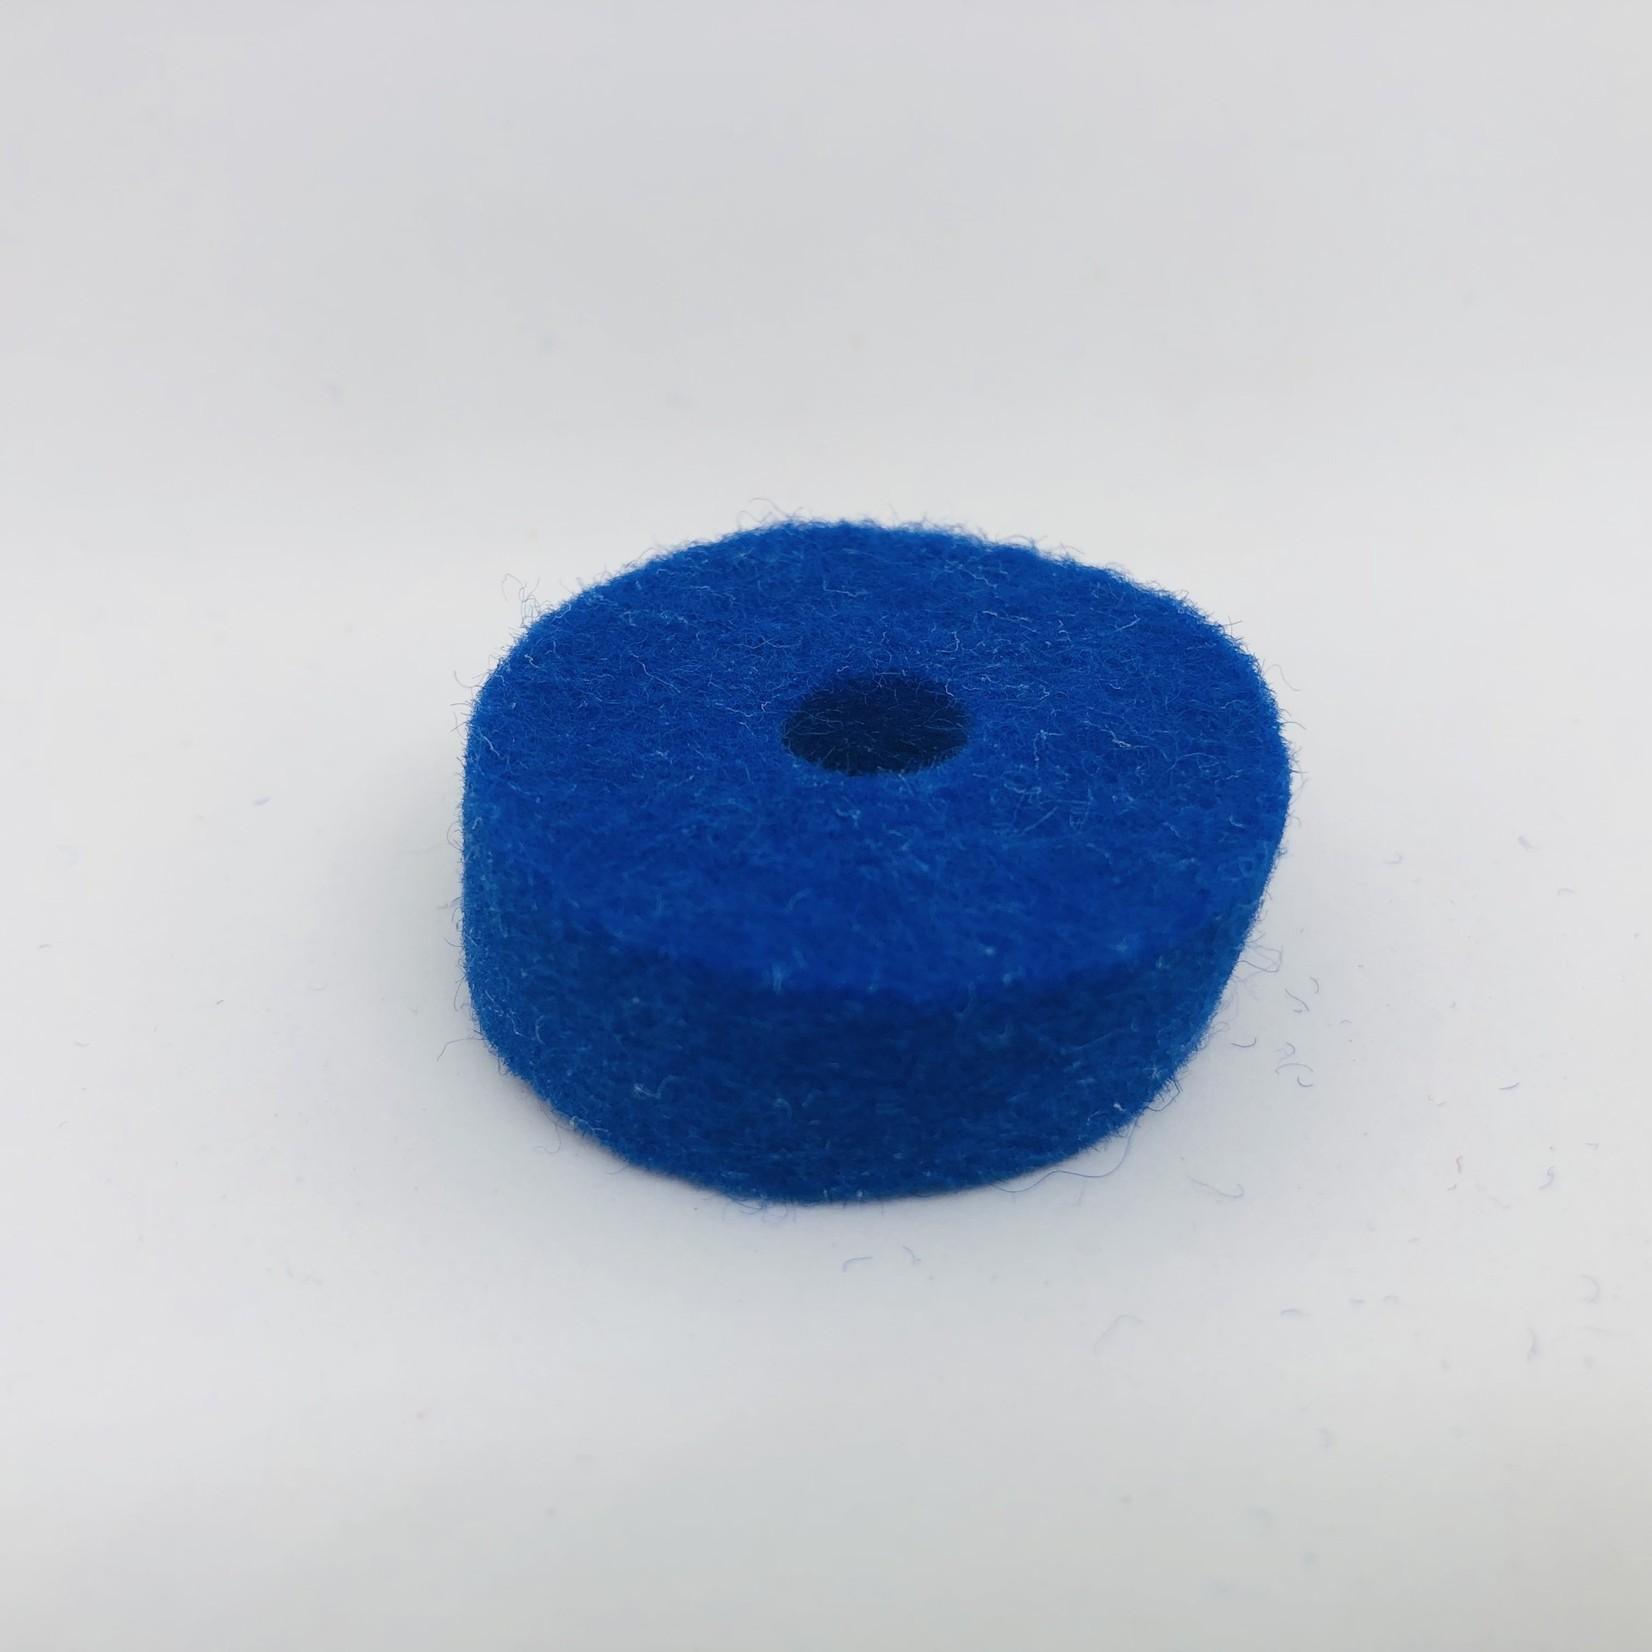 2112 CYMBAL FELT (BLUE)